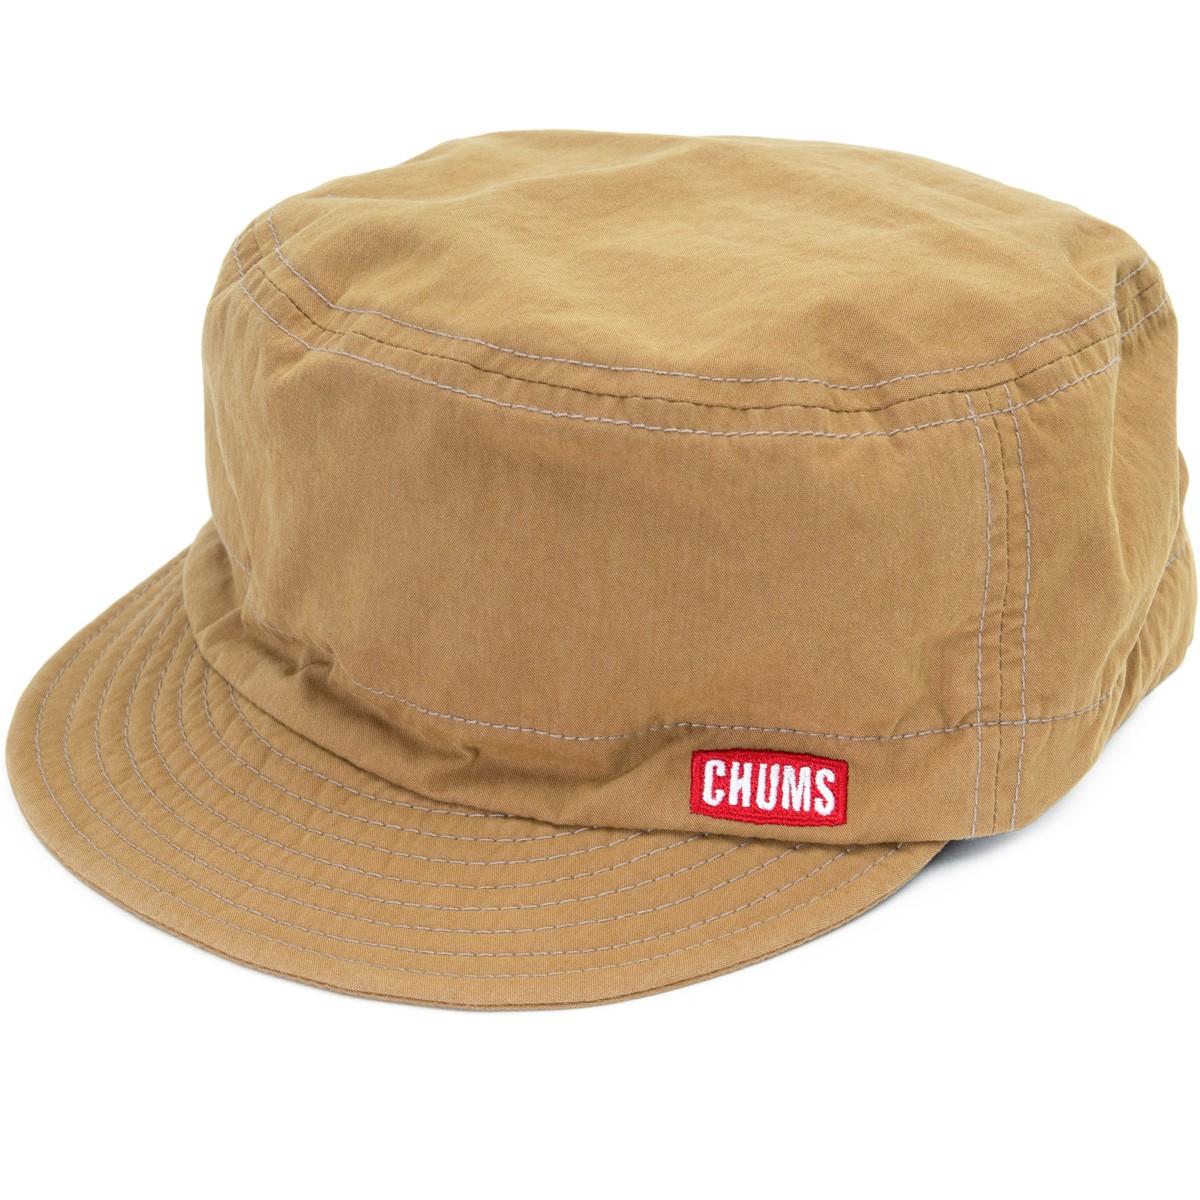 CHUMS TG Cap